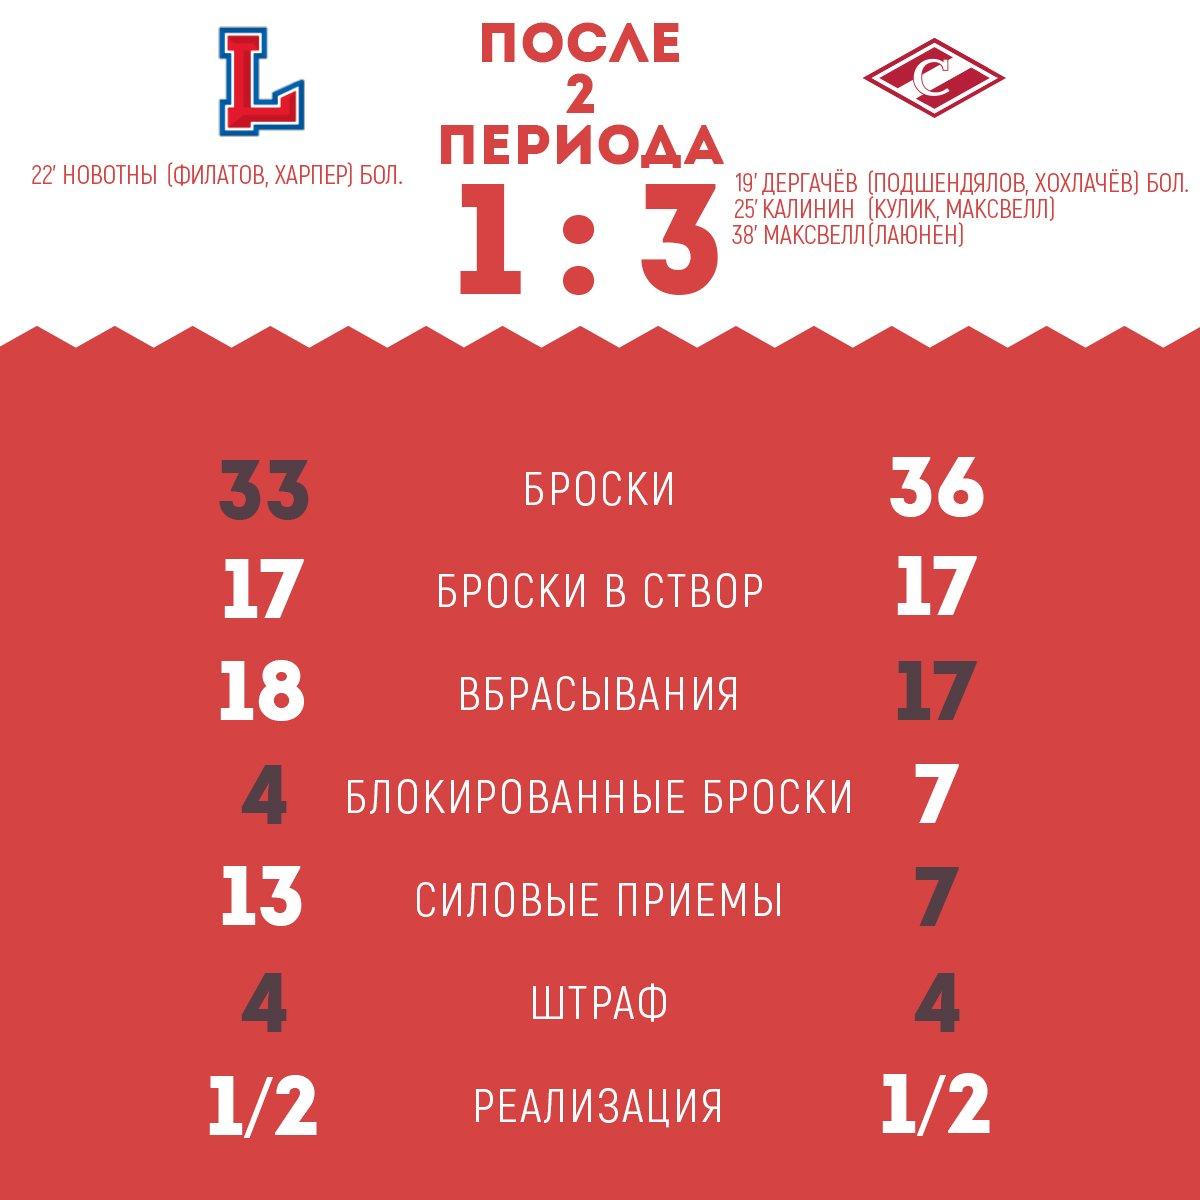 Статистика матча «Лада» - «Спартак» после 2-х периодов